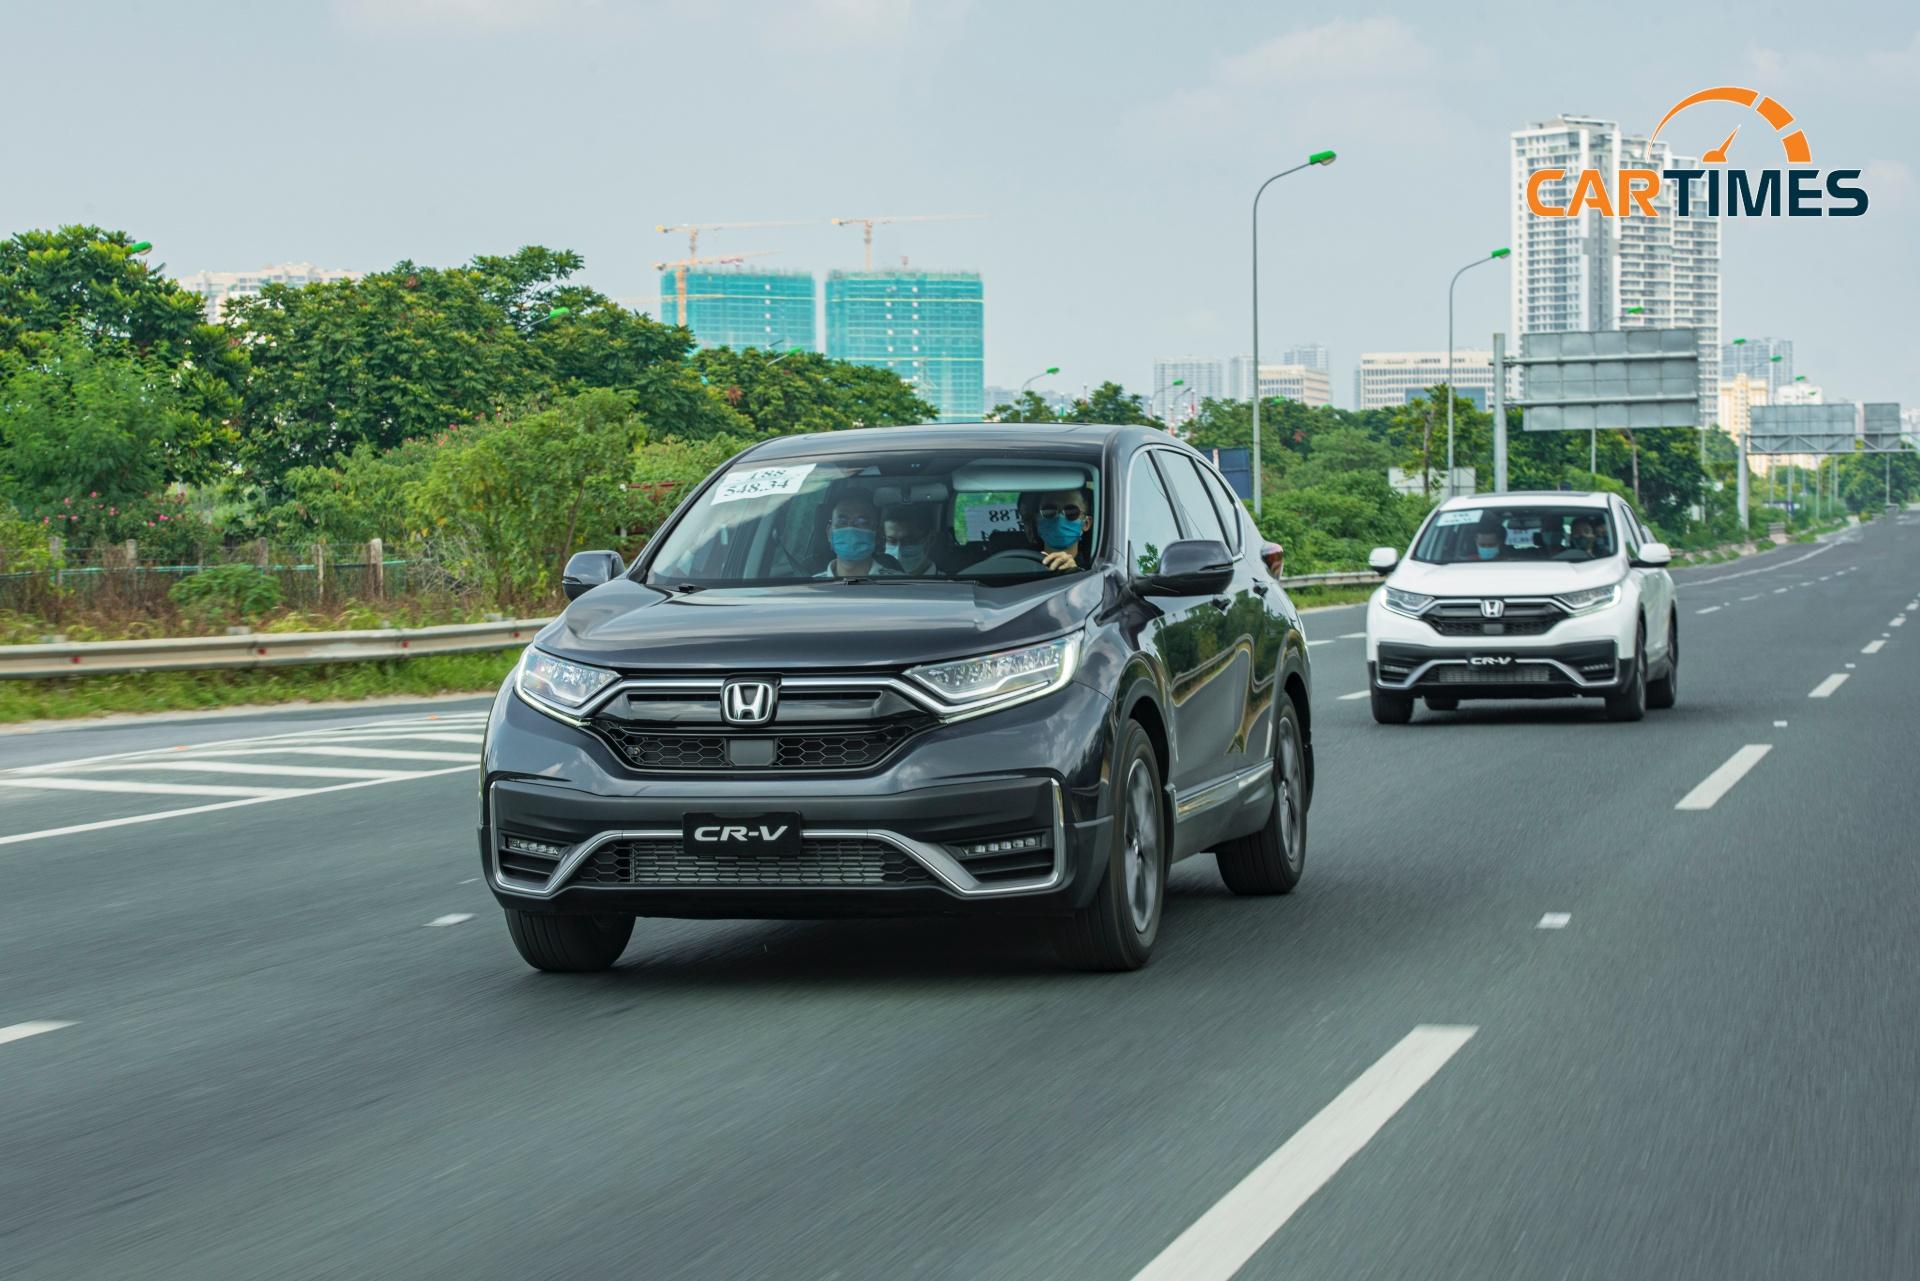 Tìm hiểu công nghệ Honda Sensing trên mẫu xe CR-V 2020 vừa ra mắt thị trường Việt Nam                                            -6